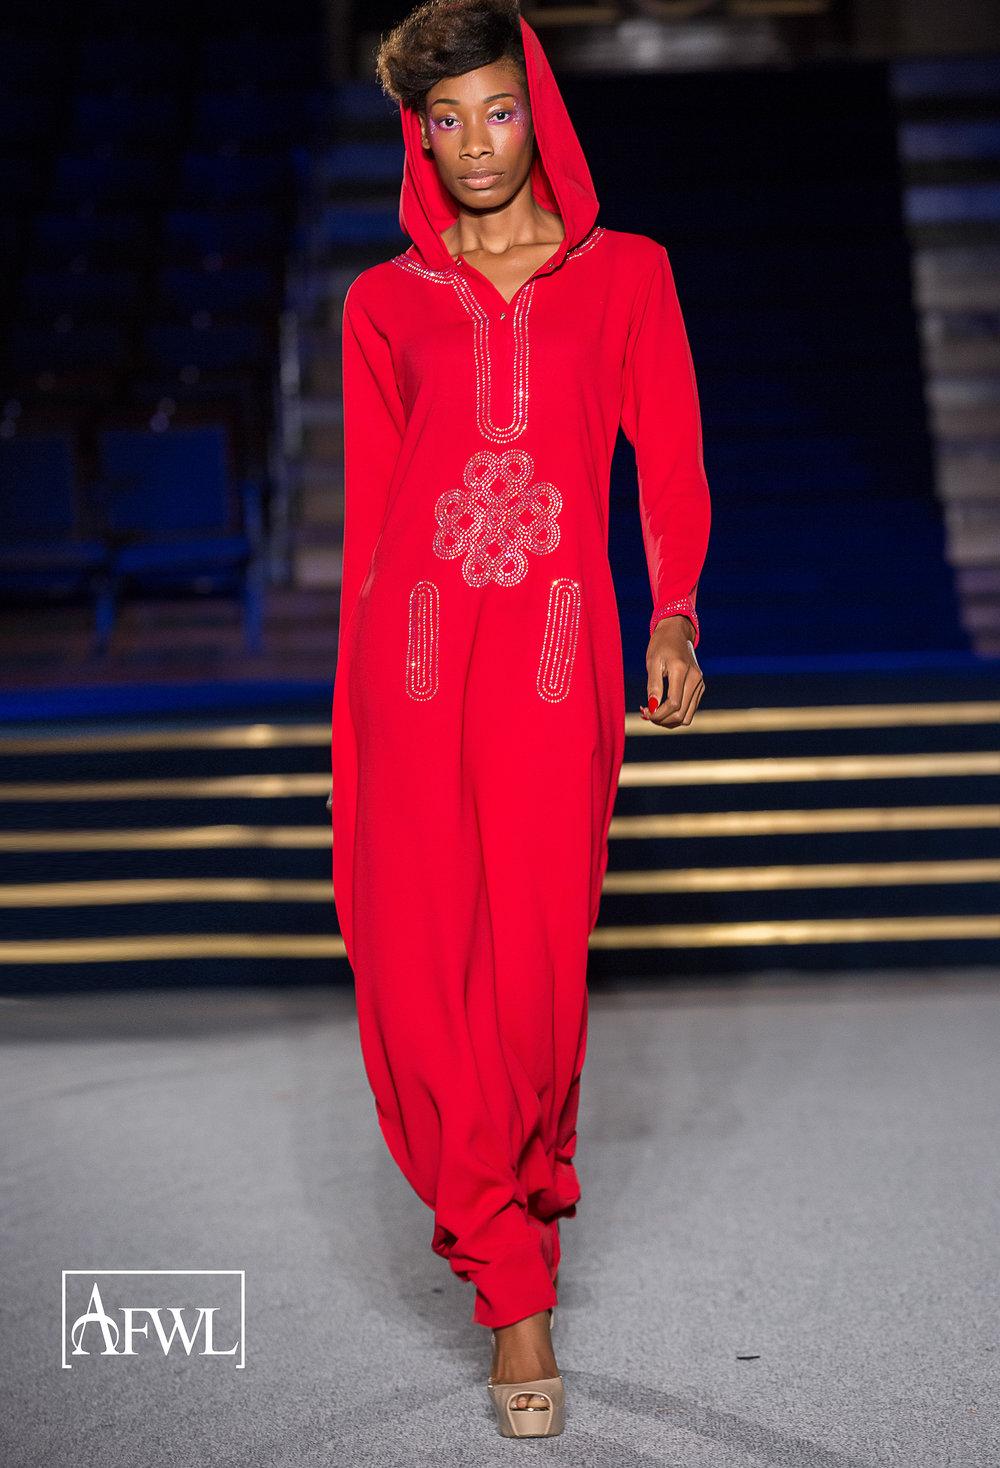 Blingshiki-Joanna Mitroi Photography0104.jpg